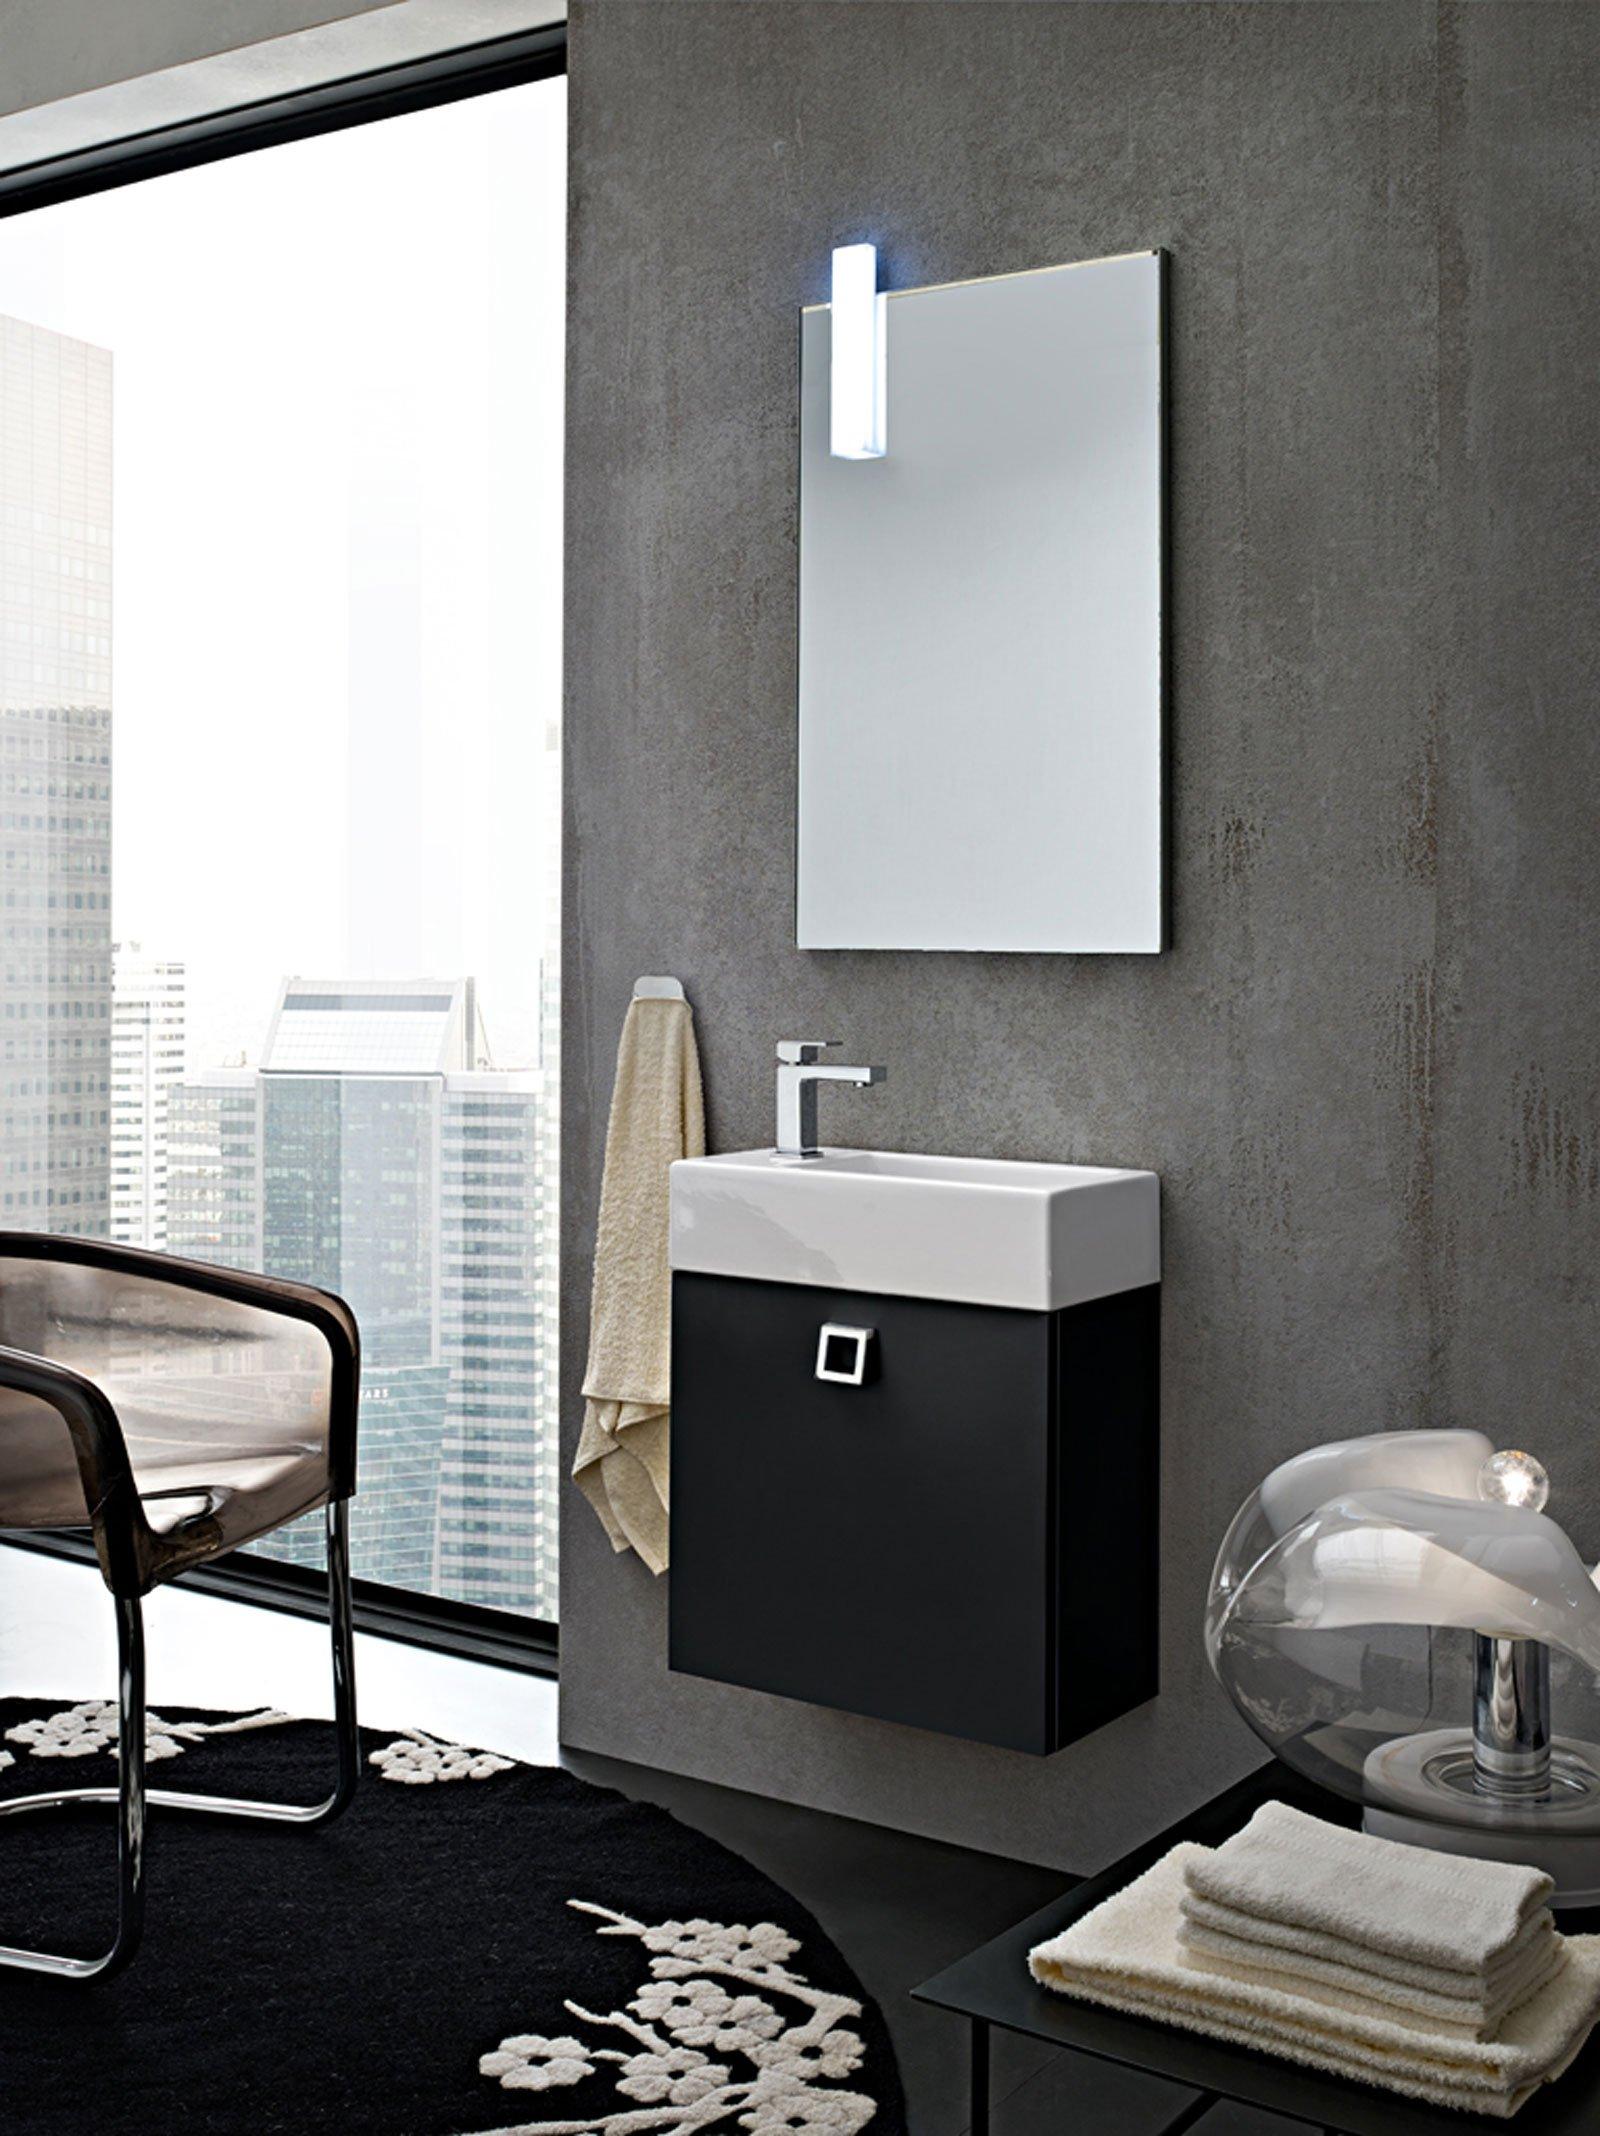 Lavabo Bagno Con Mobile Piccolo.Mobili Lavabo Piccoli Per Risparmiare Centimetri Preziosi